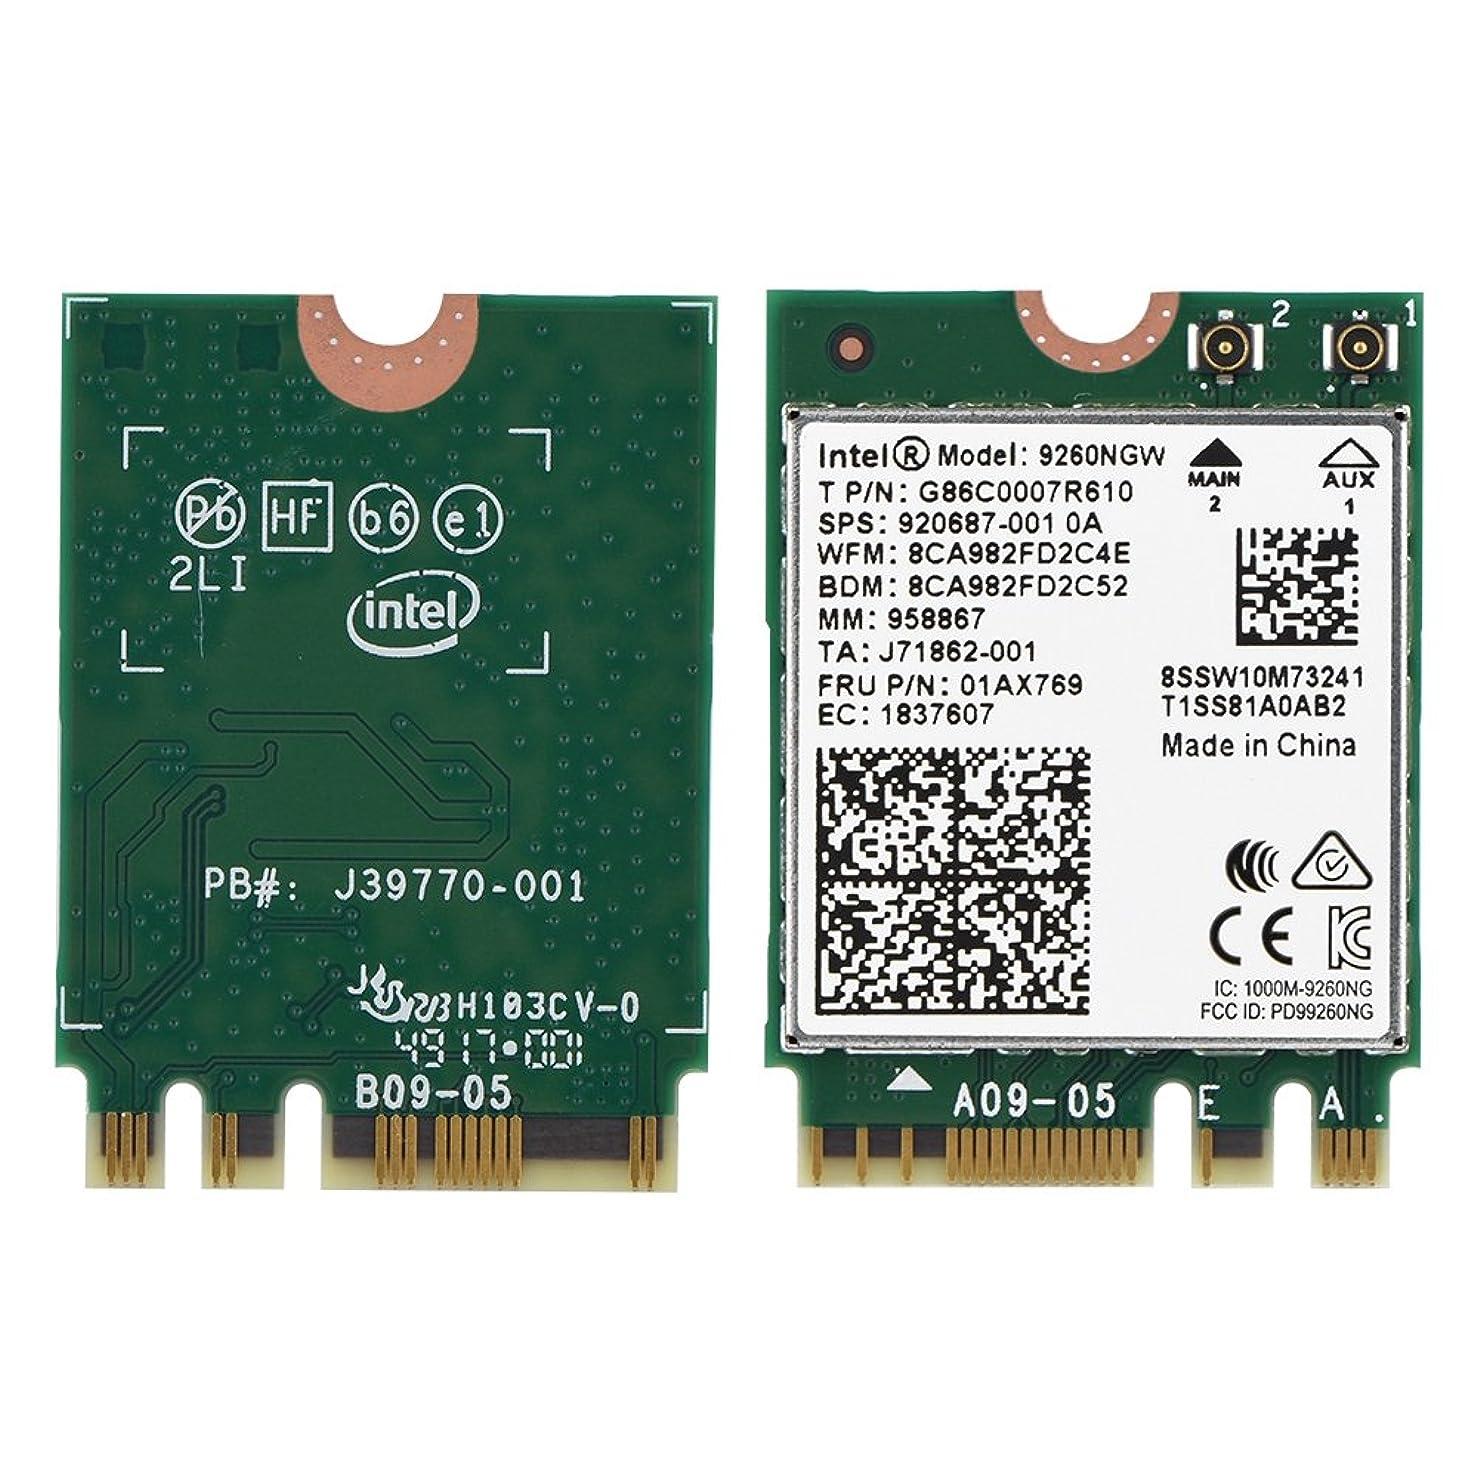 ハシー研究所聴くFosa 1730Mbpsインテル9260NGW NGFFワイヤレスWifiカード、高速2.4G + 5Gデュアルバンド802.11ac WiFiモジュールワイヤレスカード、サポートLinux/Chrome / Windows 10オペレートシステム